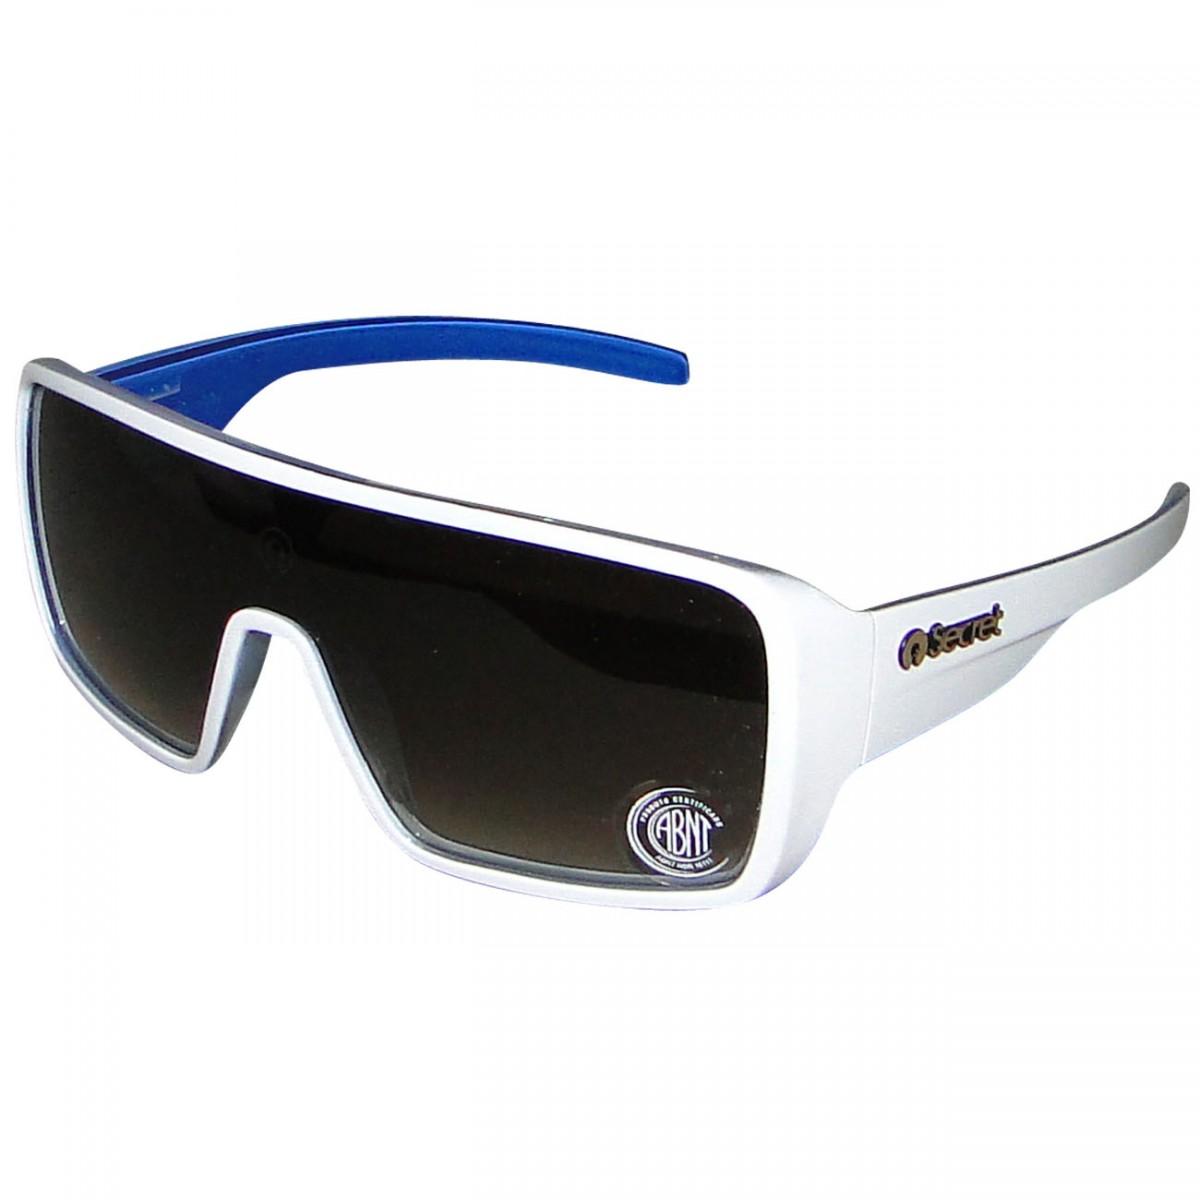 abf09618e Oculos Secret New Port 91364605 - Branco/Azul - Chuteira Nike ...